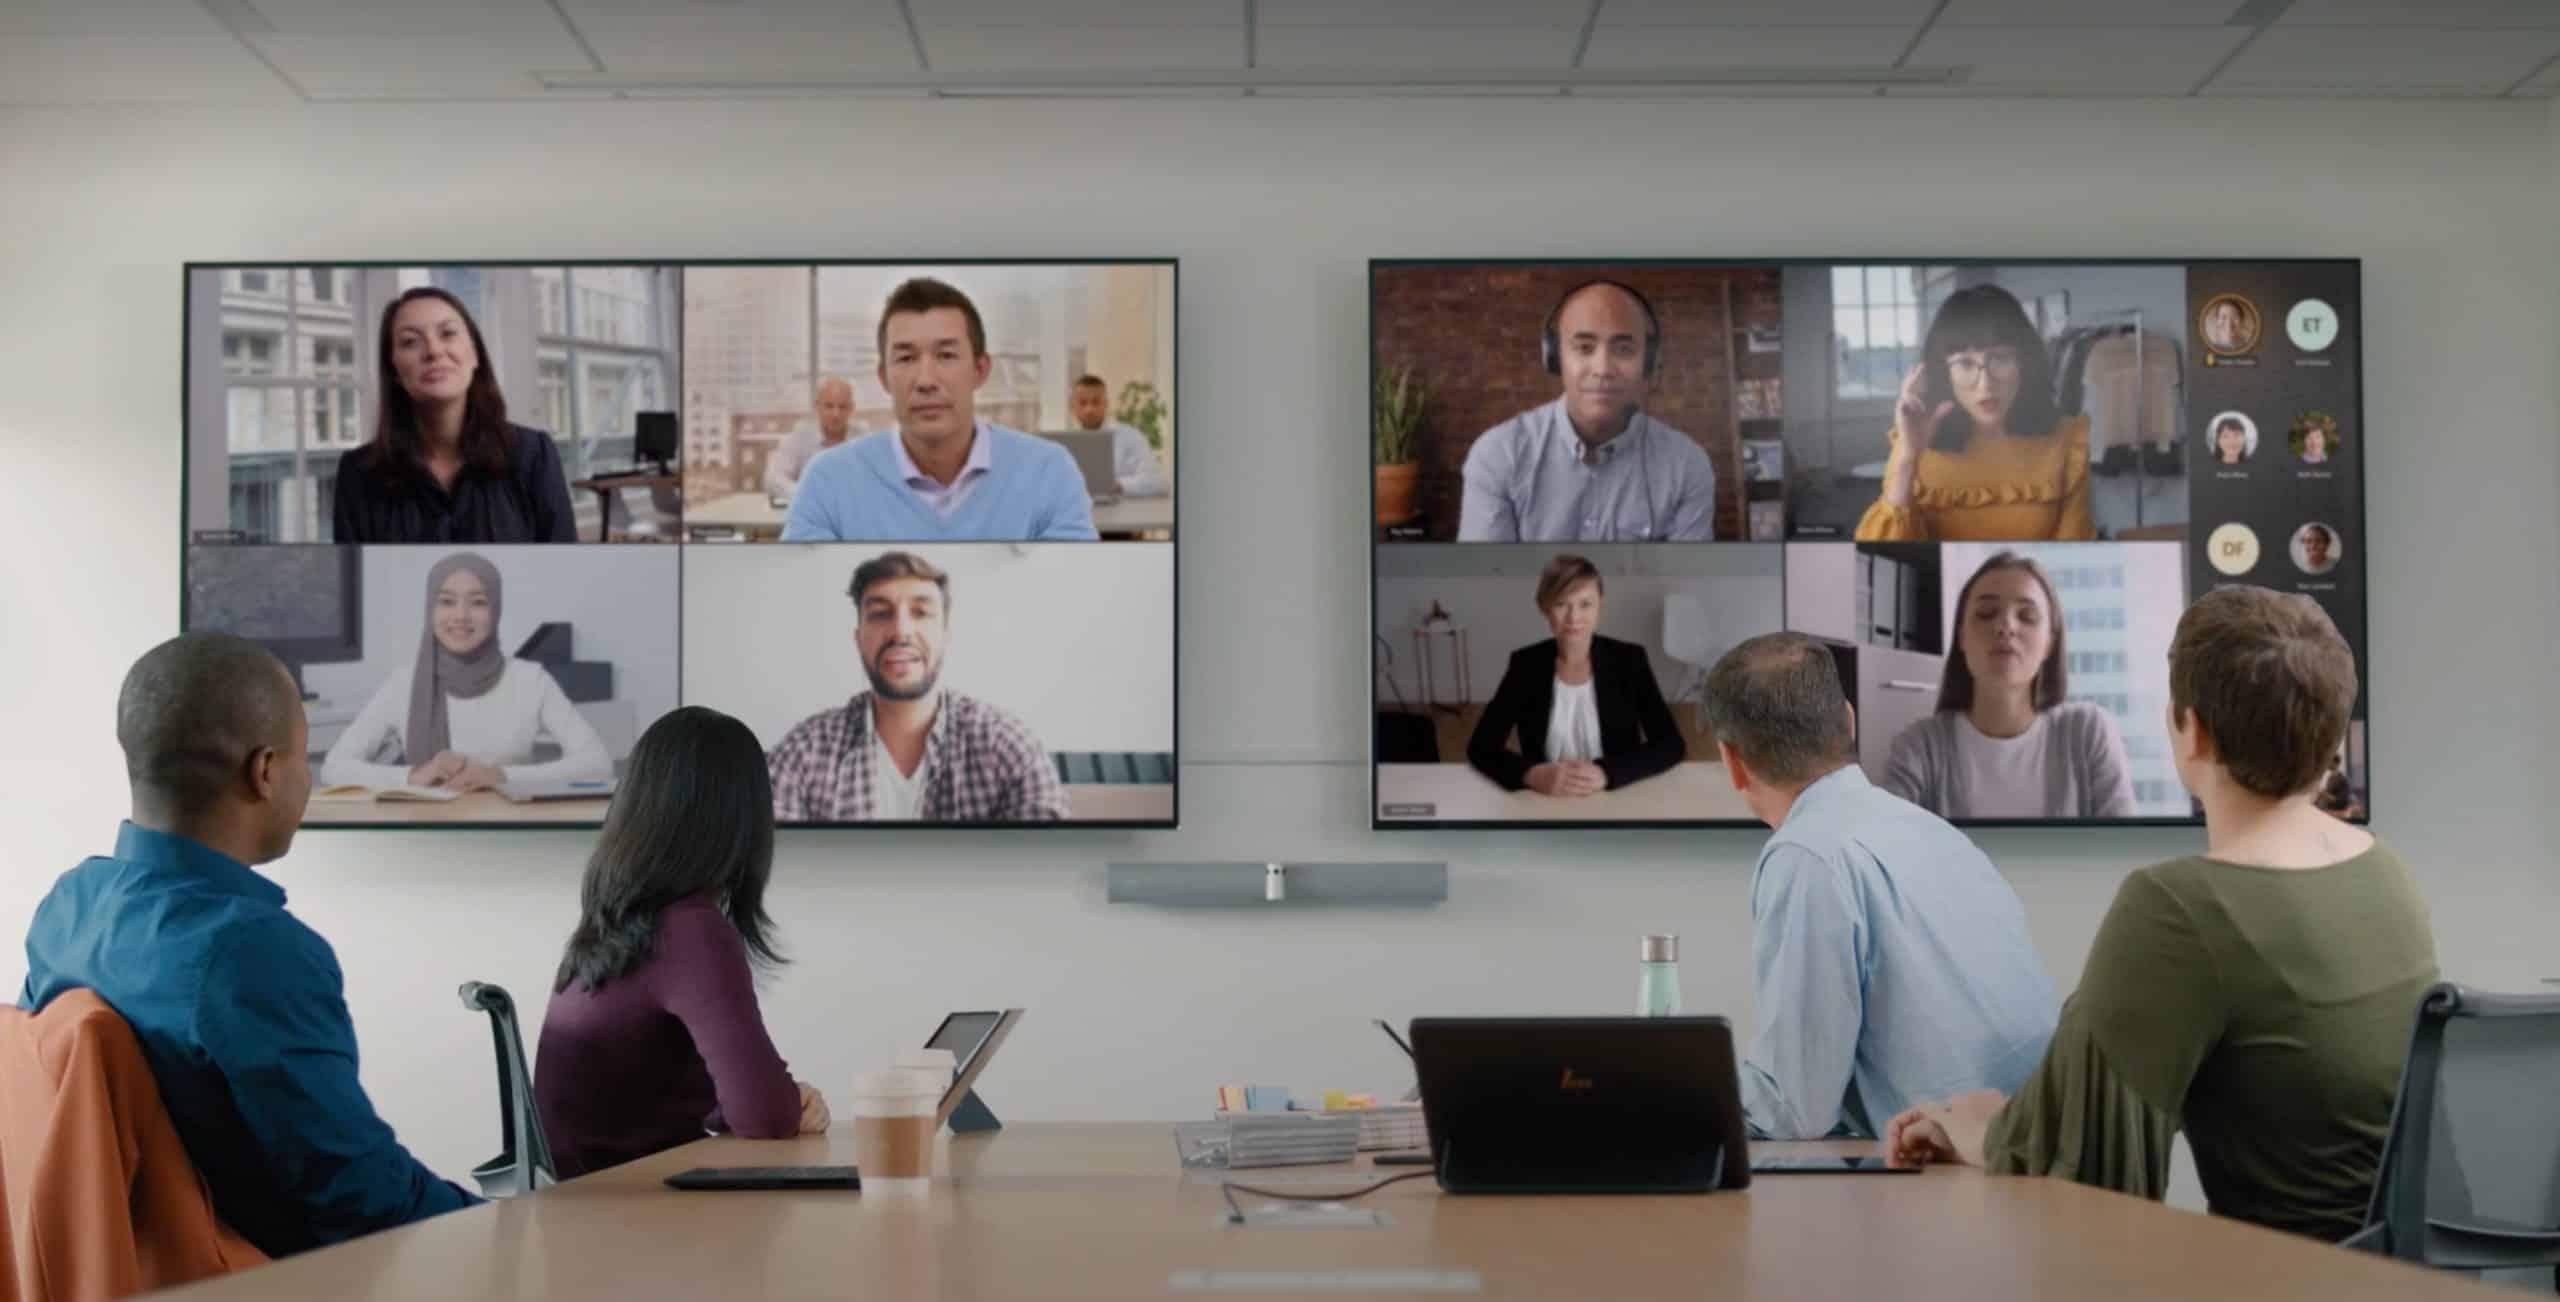 Une réunion hybride se déroulant à l'aide de Microsoft Teams et de caméras intelligentes